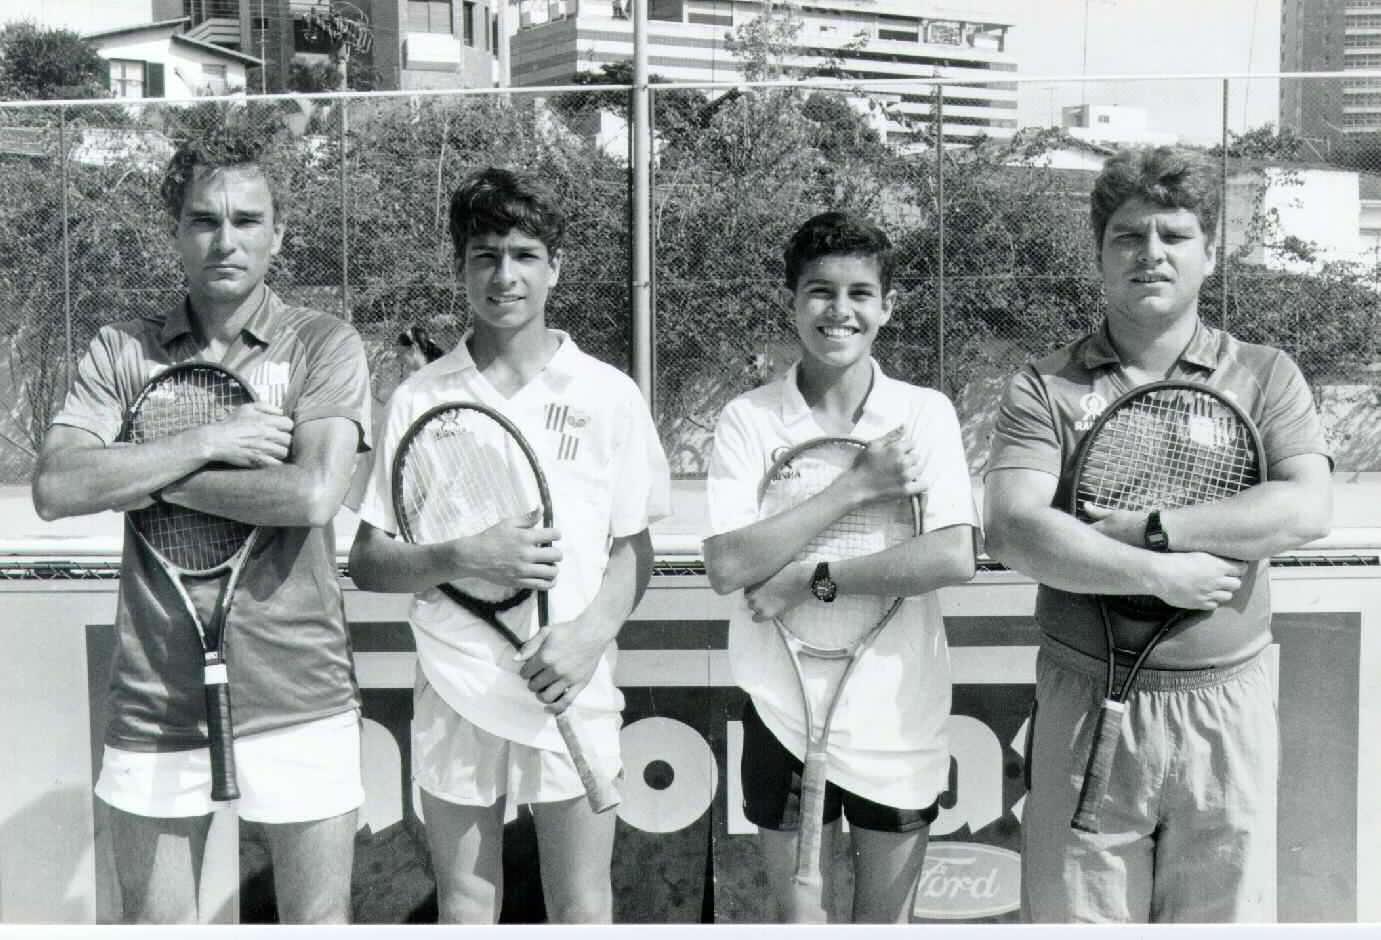 Roberto Carvalhais (Neneco), gerente do departamento de tênis do Minas, técnico Daniel Melo, André Sá e Henrique Quintino, técnico principal da base do tênis do Minas